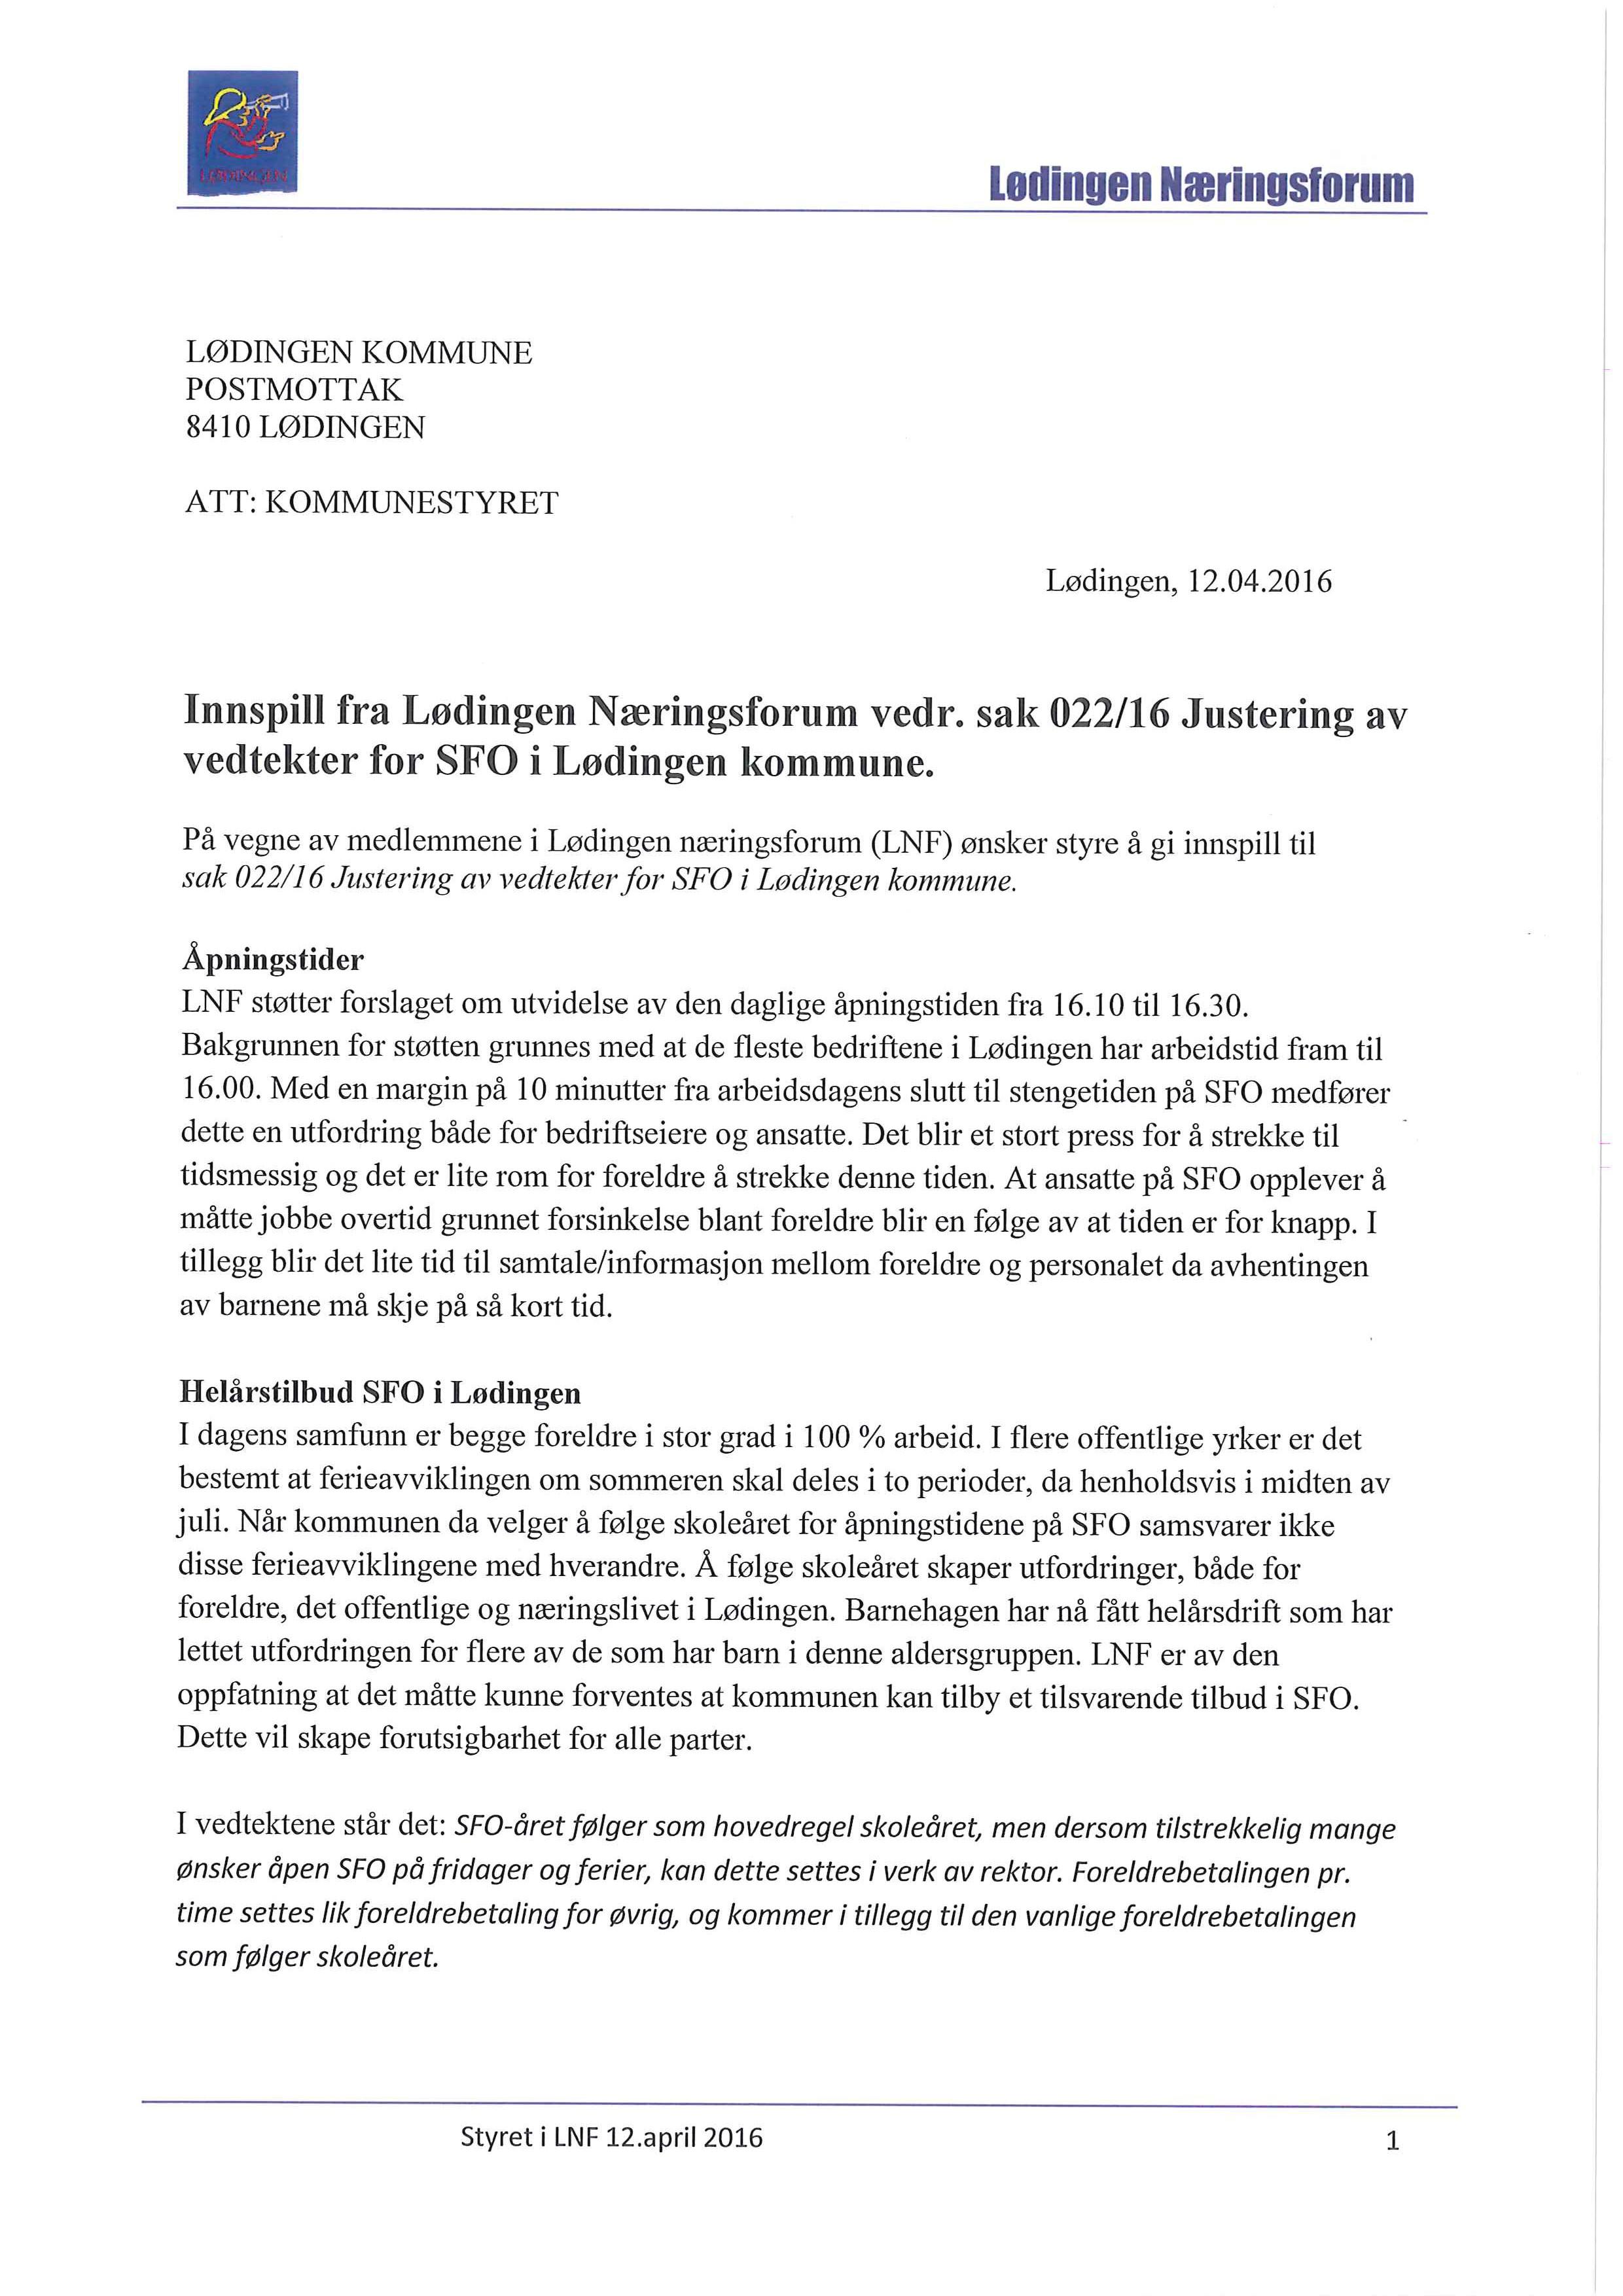 Innspill fra Lødingen Næringsforum vedr. sak 022_16 Justering av vedtekter for SFO i Lødingen kommune_0001